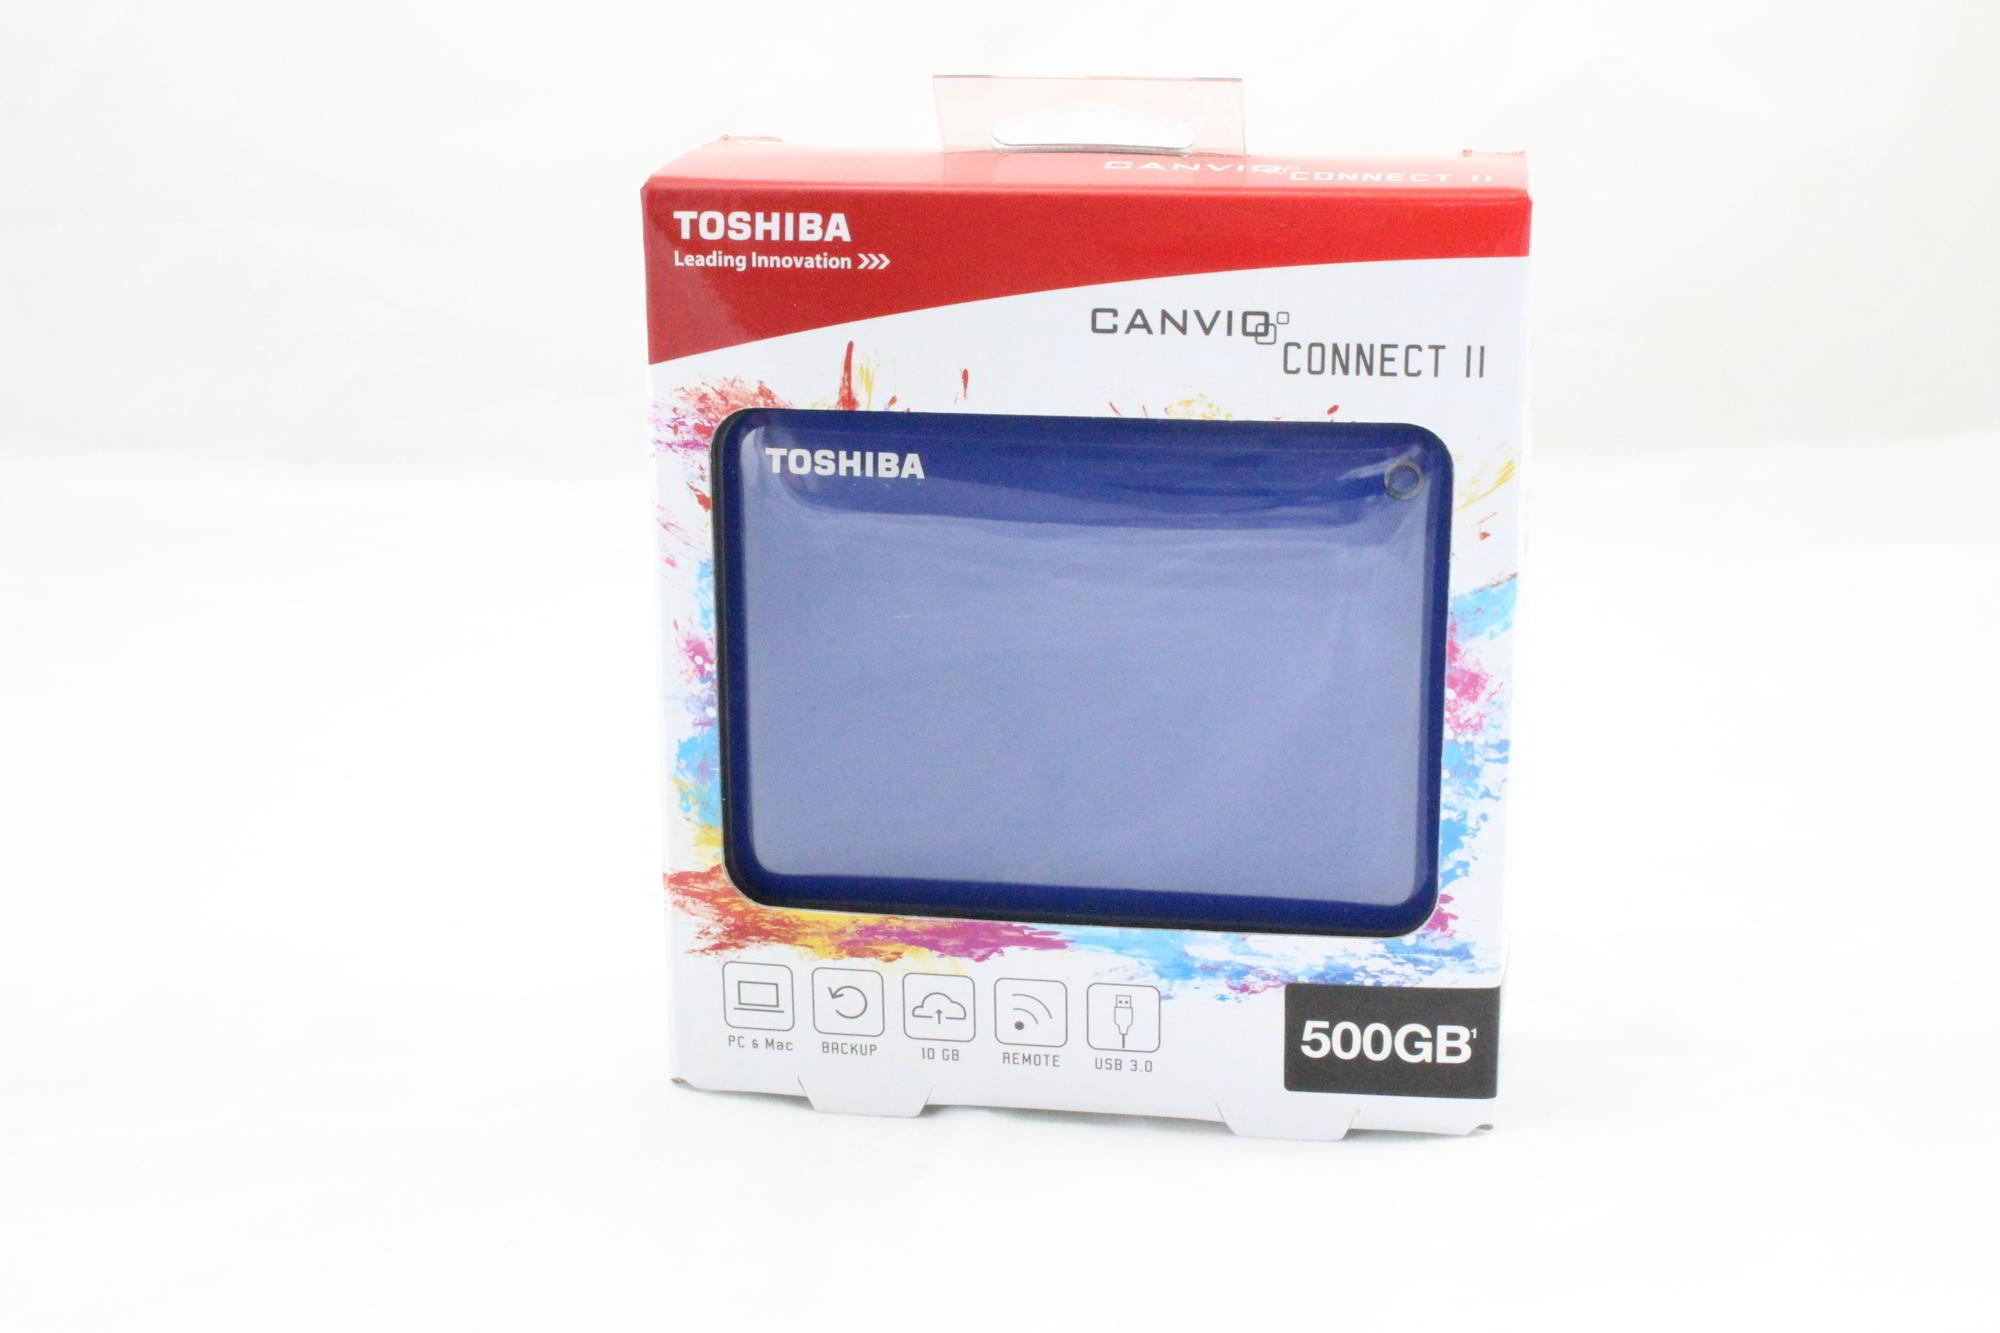 Bild von Canvio Connect II 500GB 2,5″ Festplatte von Toshiba im Test